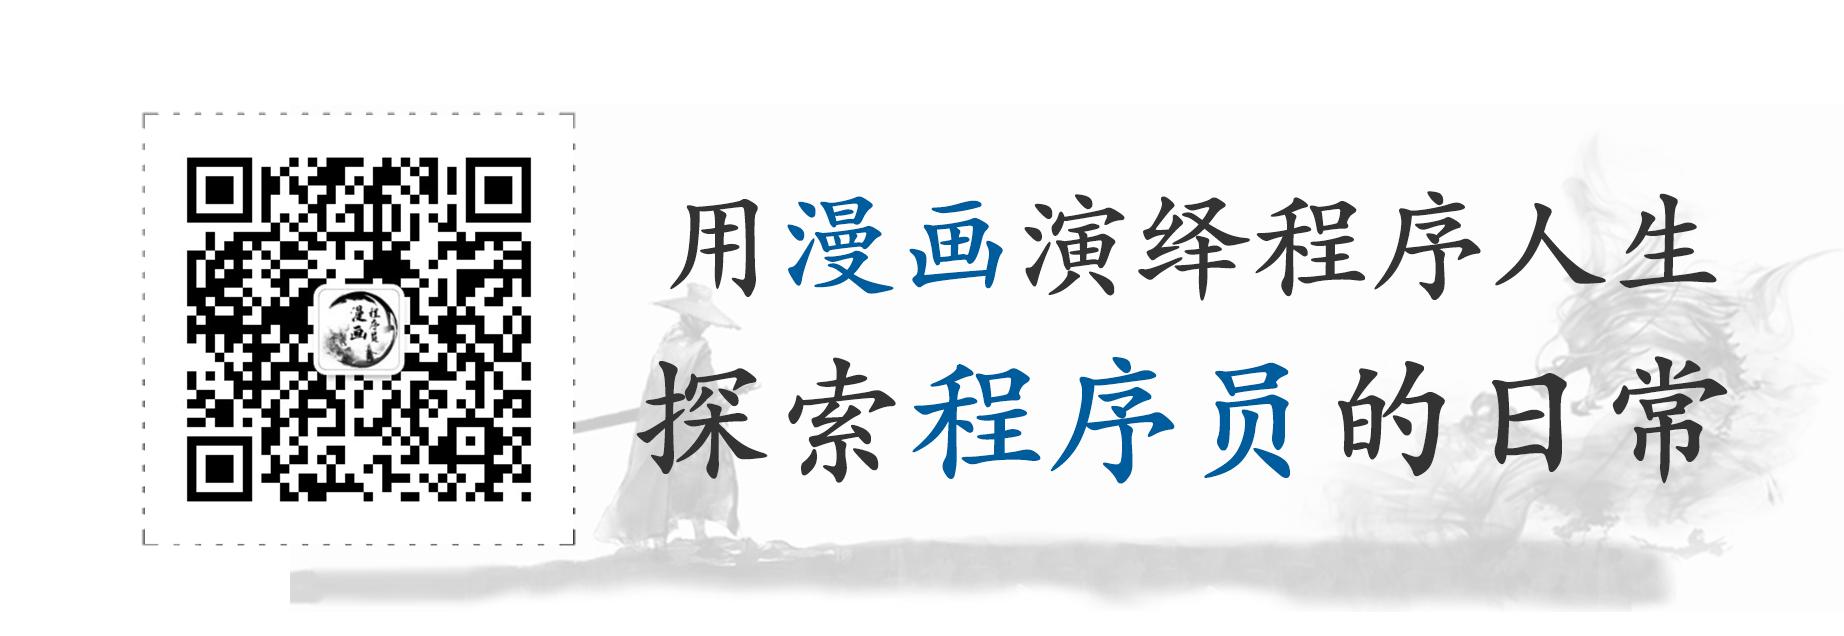 JS中文网是中国领先的新一代开发者社区和专业的技术媒体,一个帮助开发者成长的社区,目前已经覆盖和服务了超过 300 万开发者,你每天都可以在这里找到技术世界的头条内容。欢迎热爱技术的你一起加入交流与学习,JS中文网的使命是帮助开发者用代码改变世界